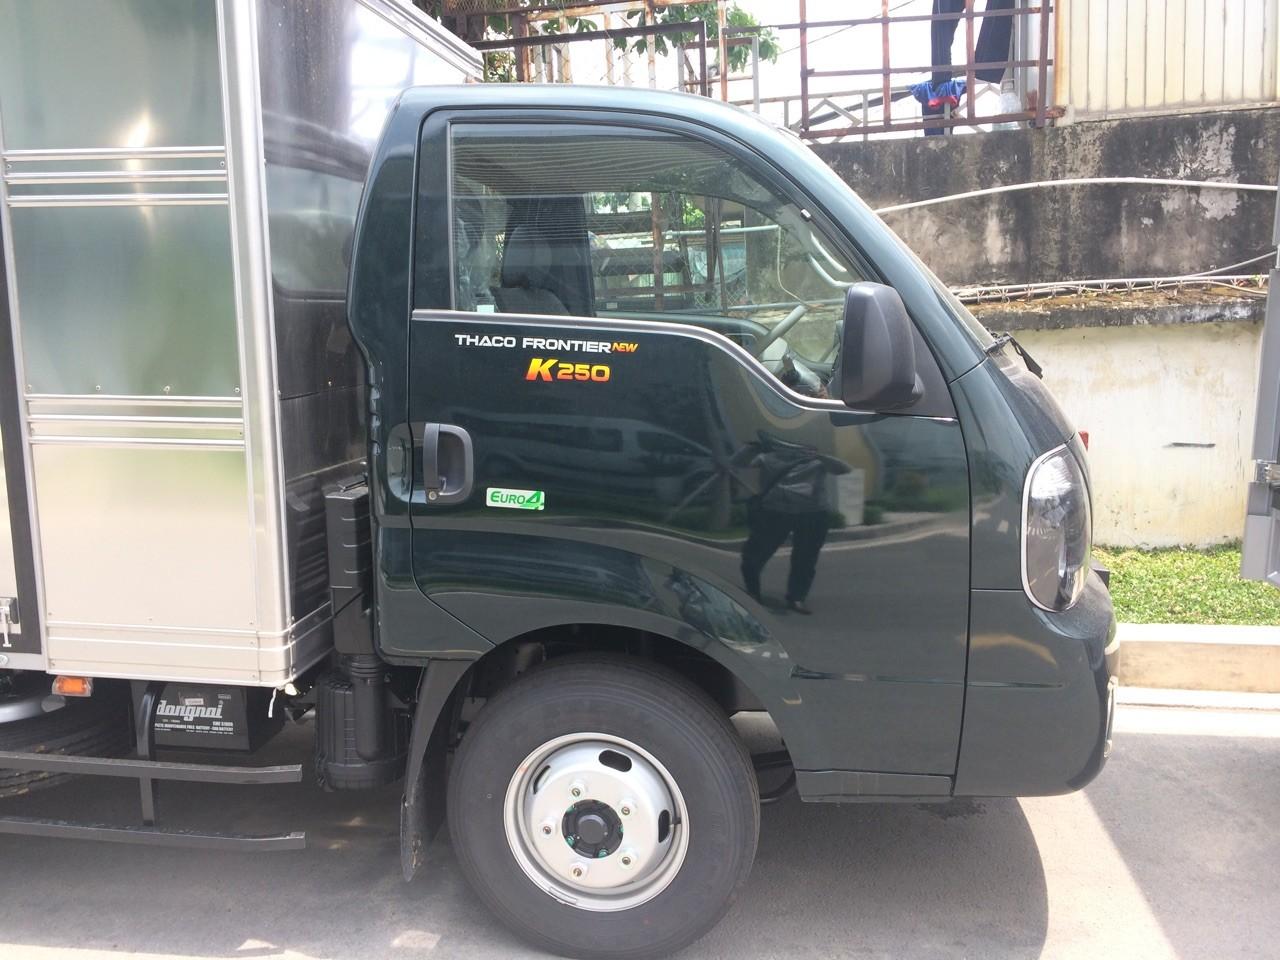 Giá bán xe tải Thaco Kia K250 2.49 tấn Nhiều ưu đãi khuyến mãi Giao xe liền Ảnh số 41949305